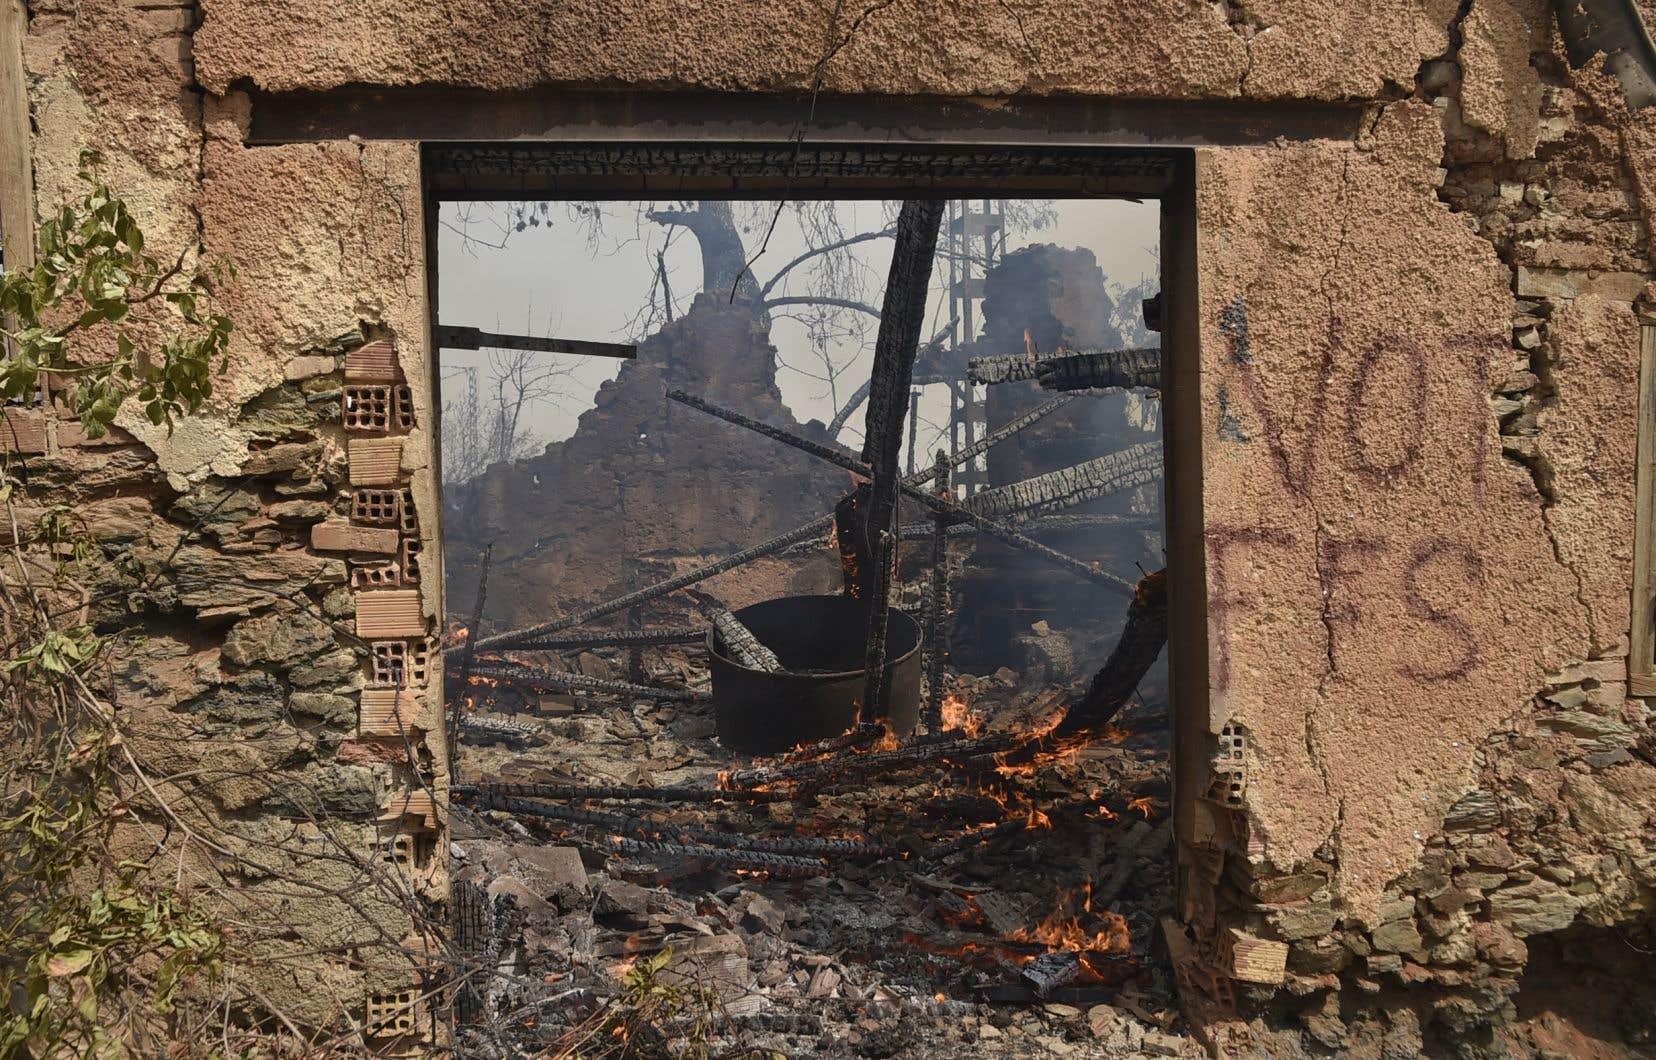 Parmi les 13 décès de civils dans ces incendies, 12 ont eu lieu dans la région de Tizi Ouzou, l'une des villes les plus peuplées de Kabylie.